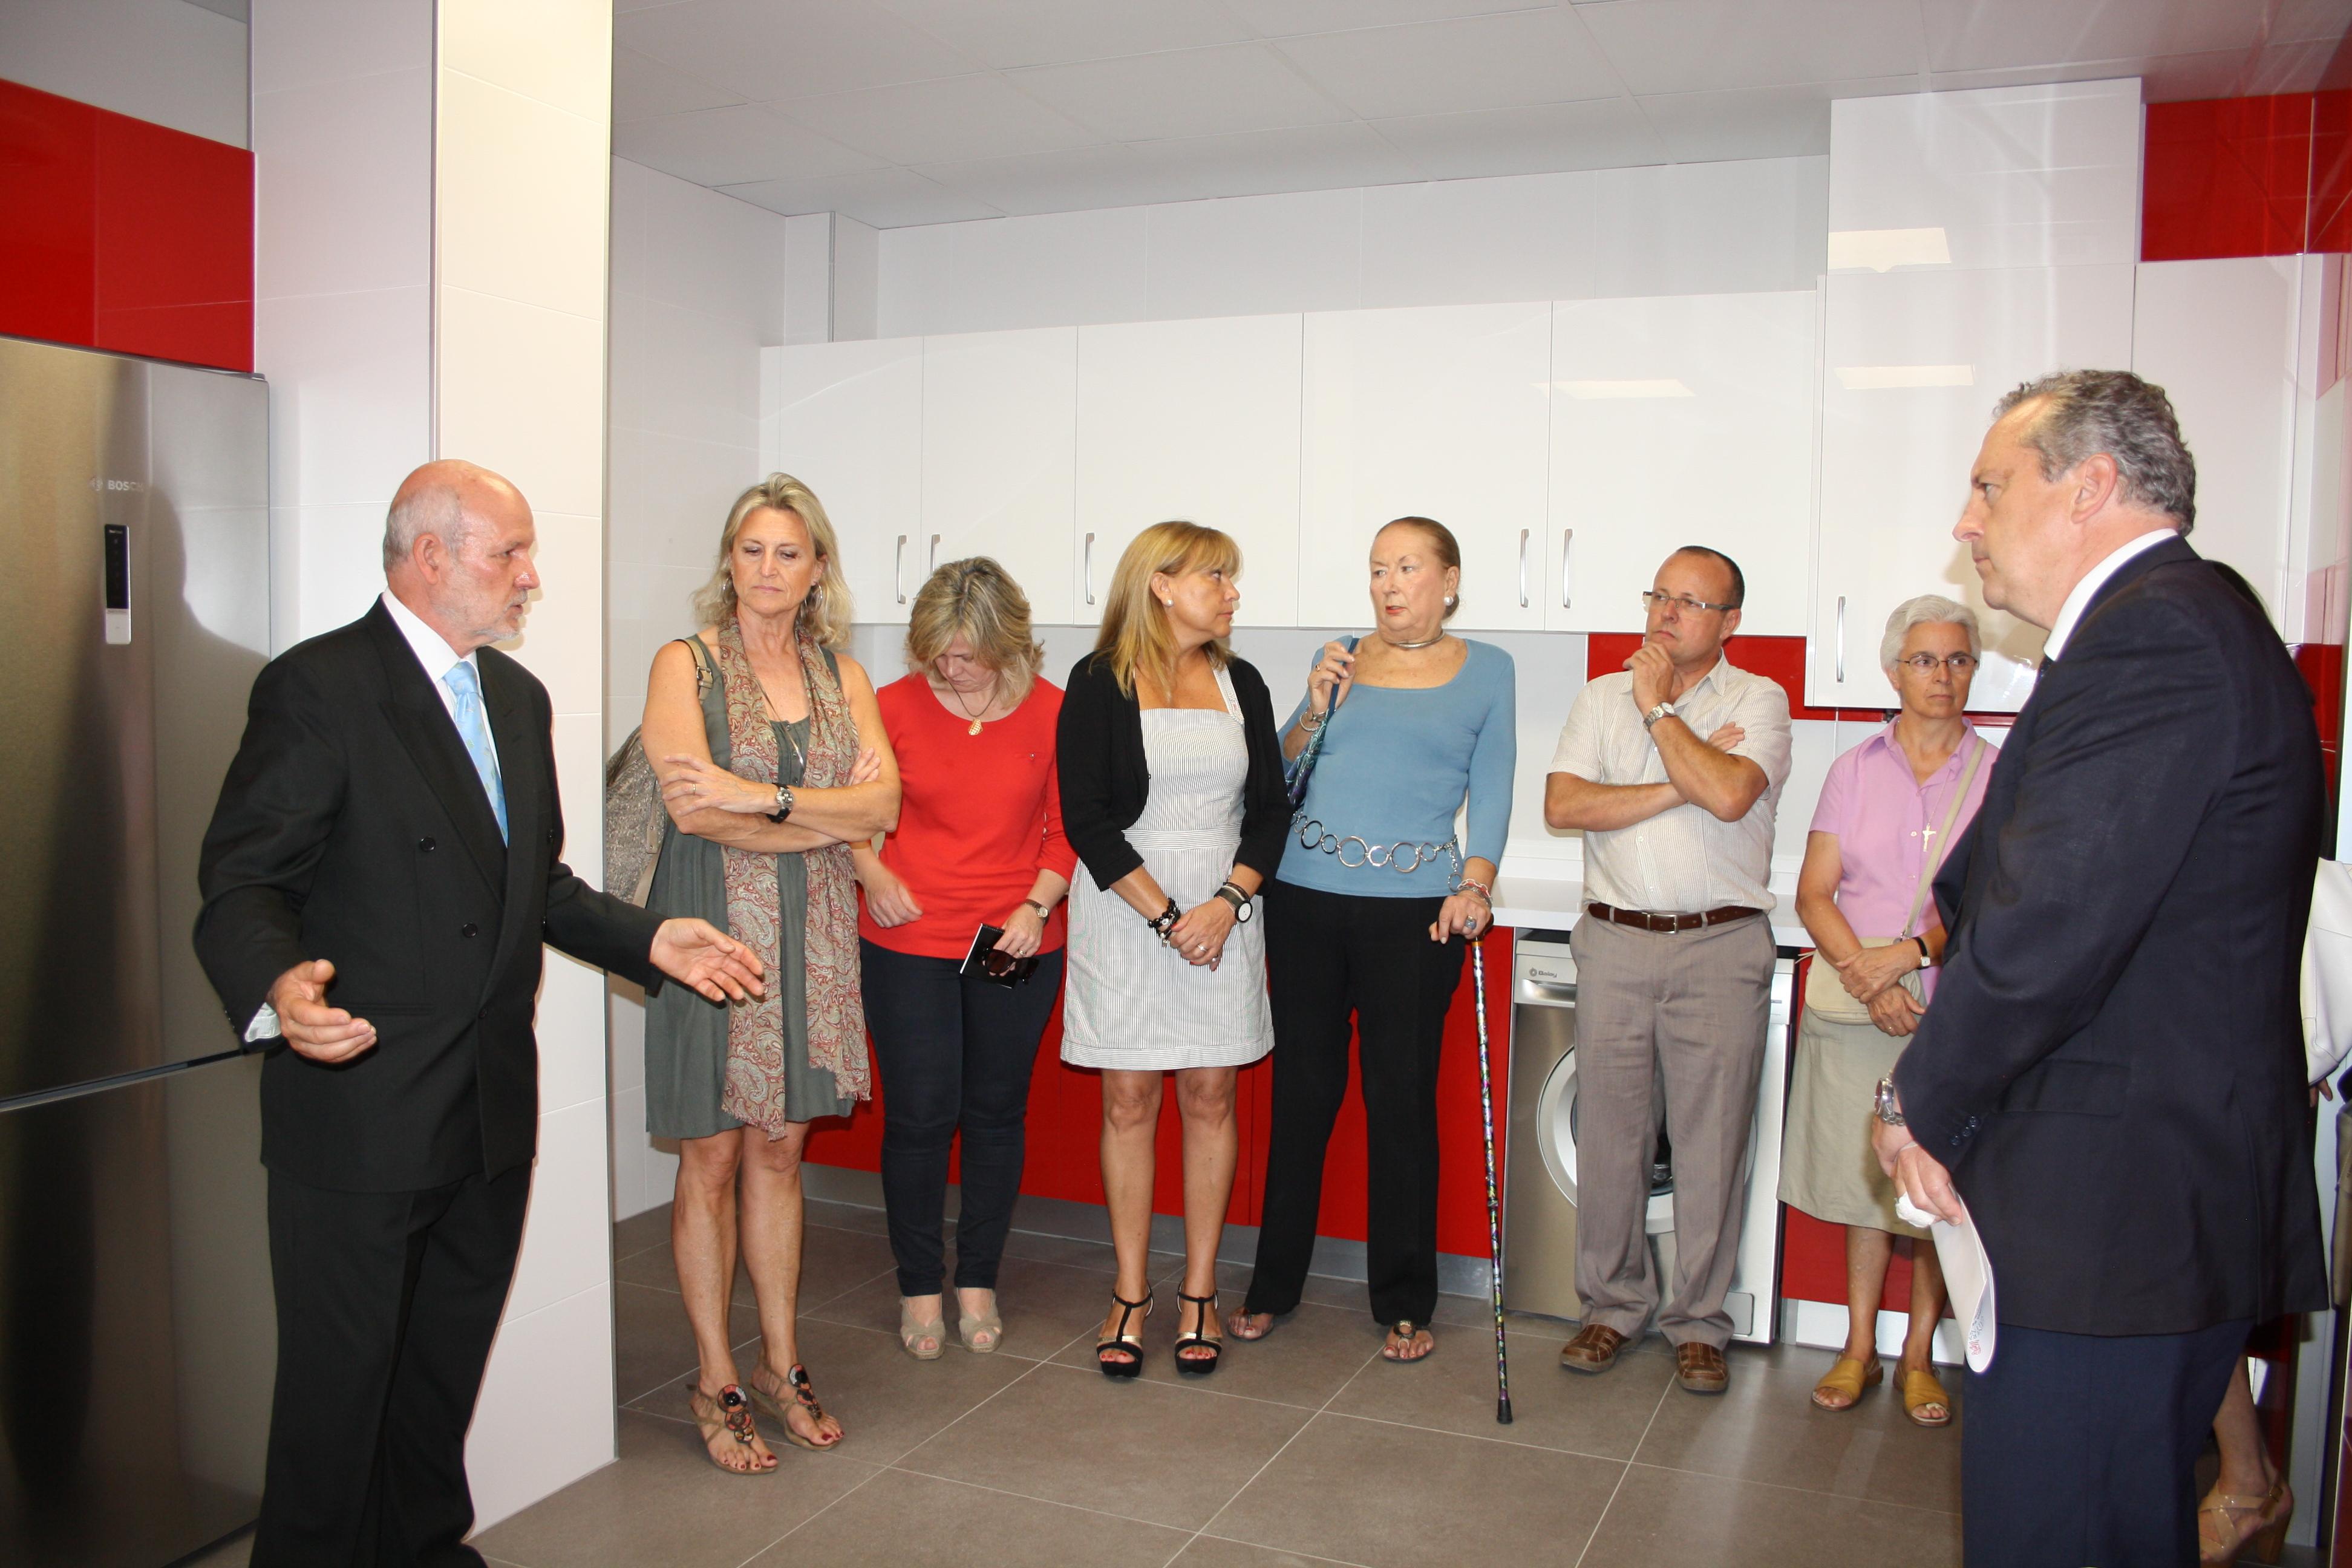 Pablo, nuestro presidente (a la izquierda), explica el funcionamiento de la cocina totalmente adaptada con la que cuenta el Centro de Atención Diurna